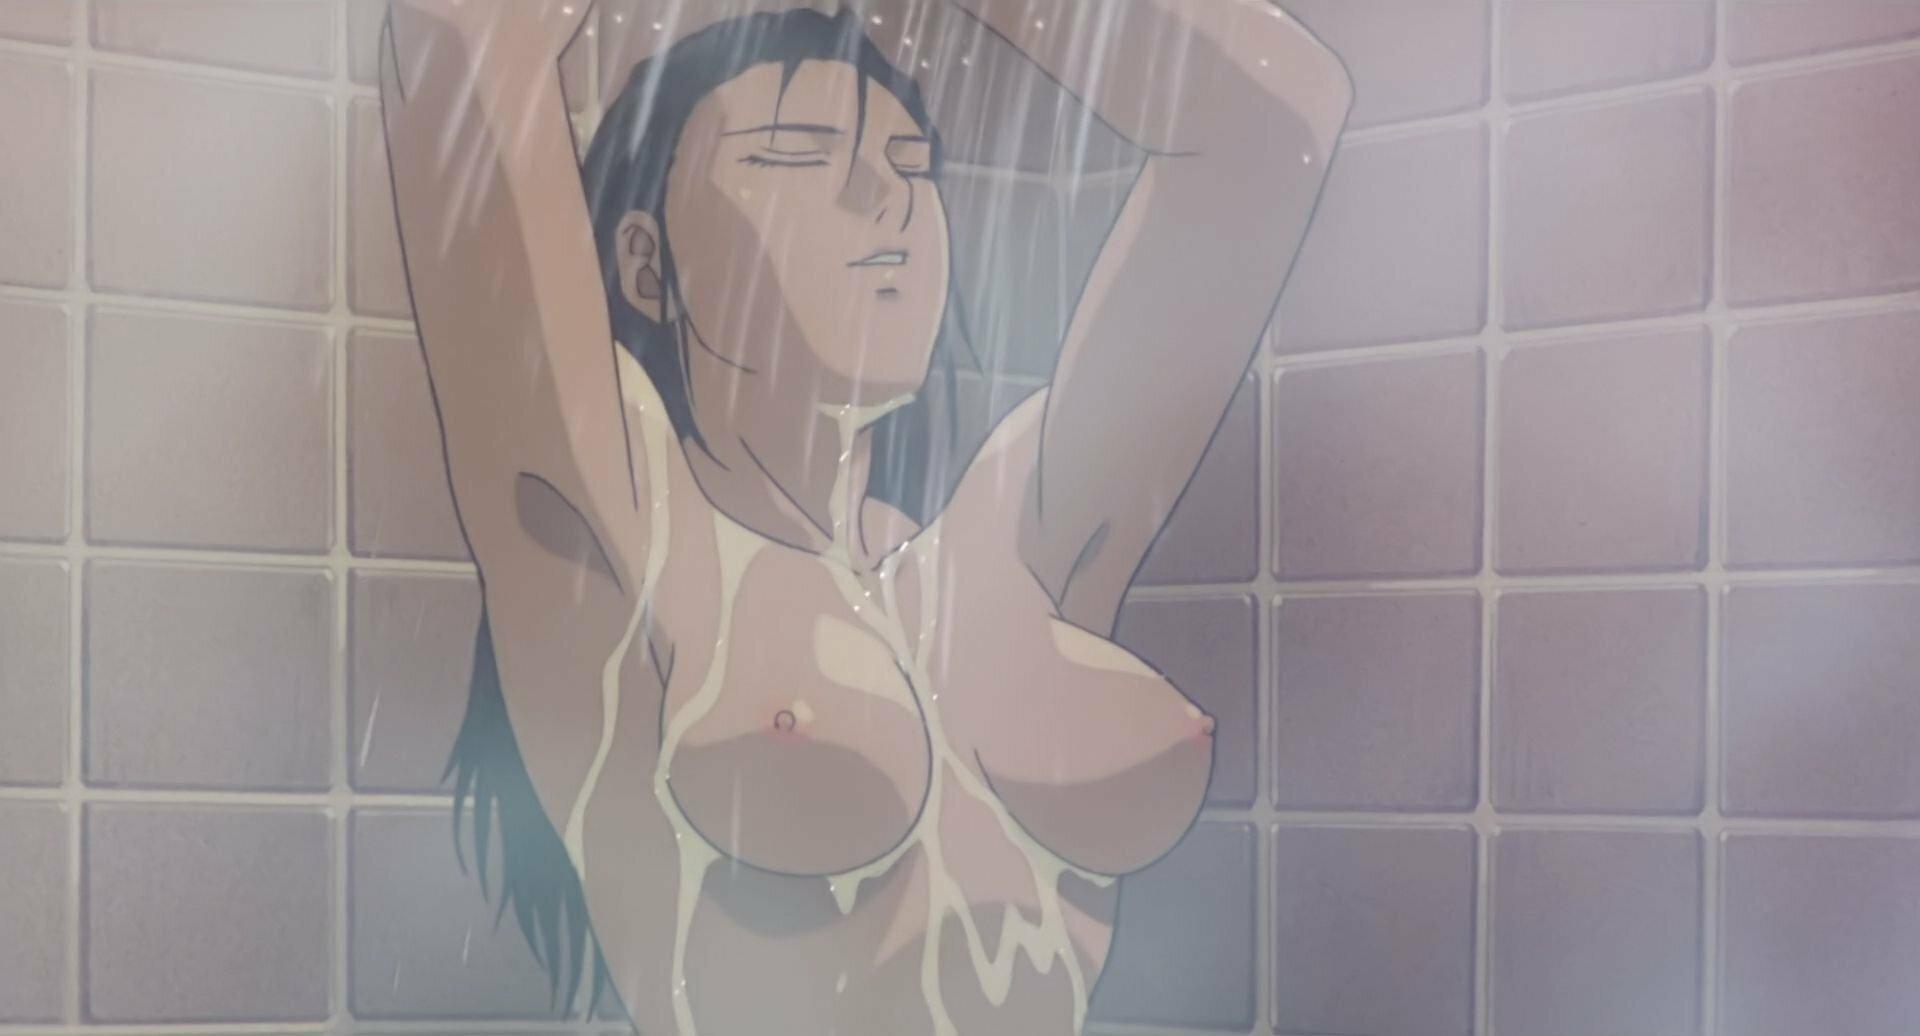 公式乳首 一般アニメ漫画の公式乳首っていいよな!